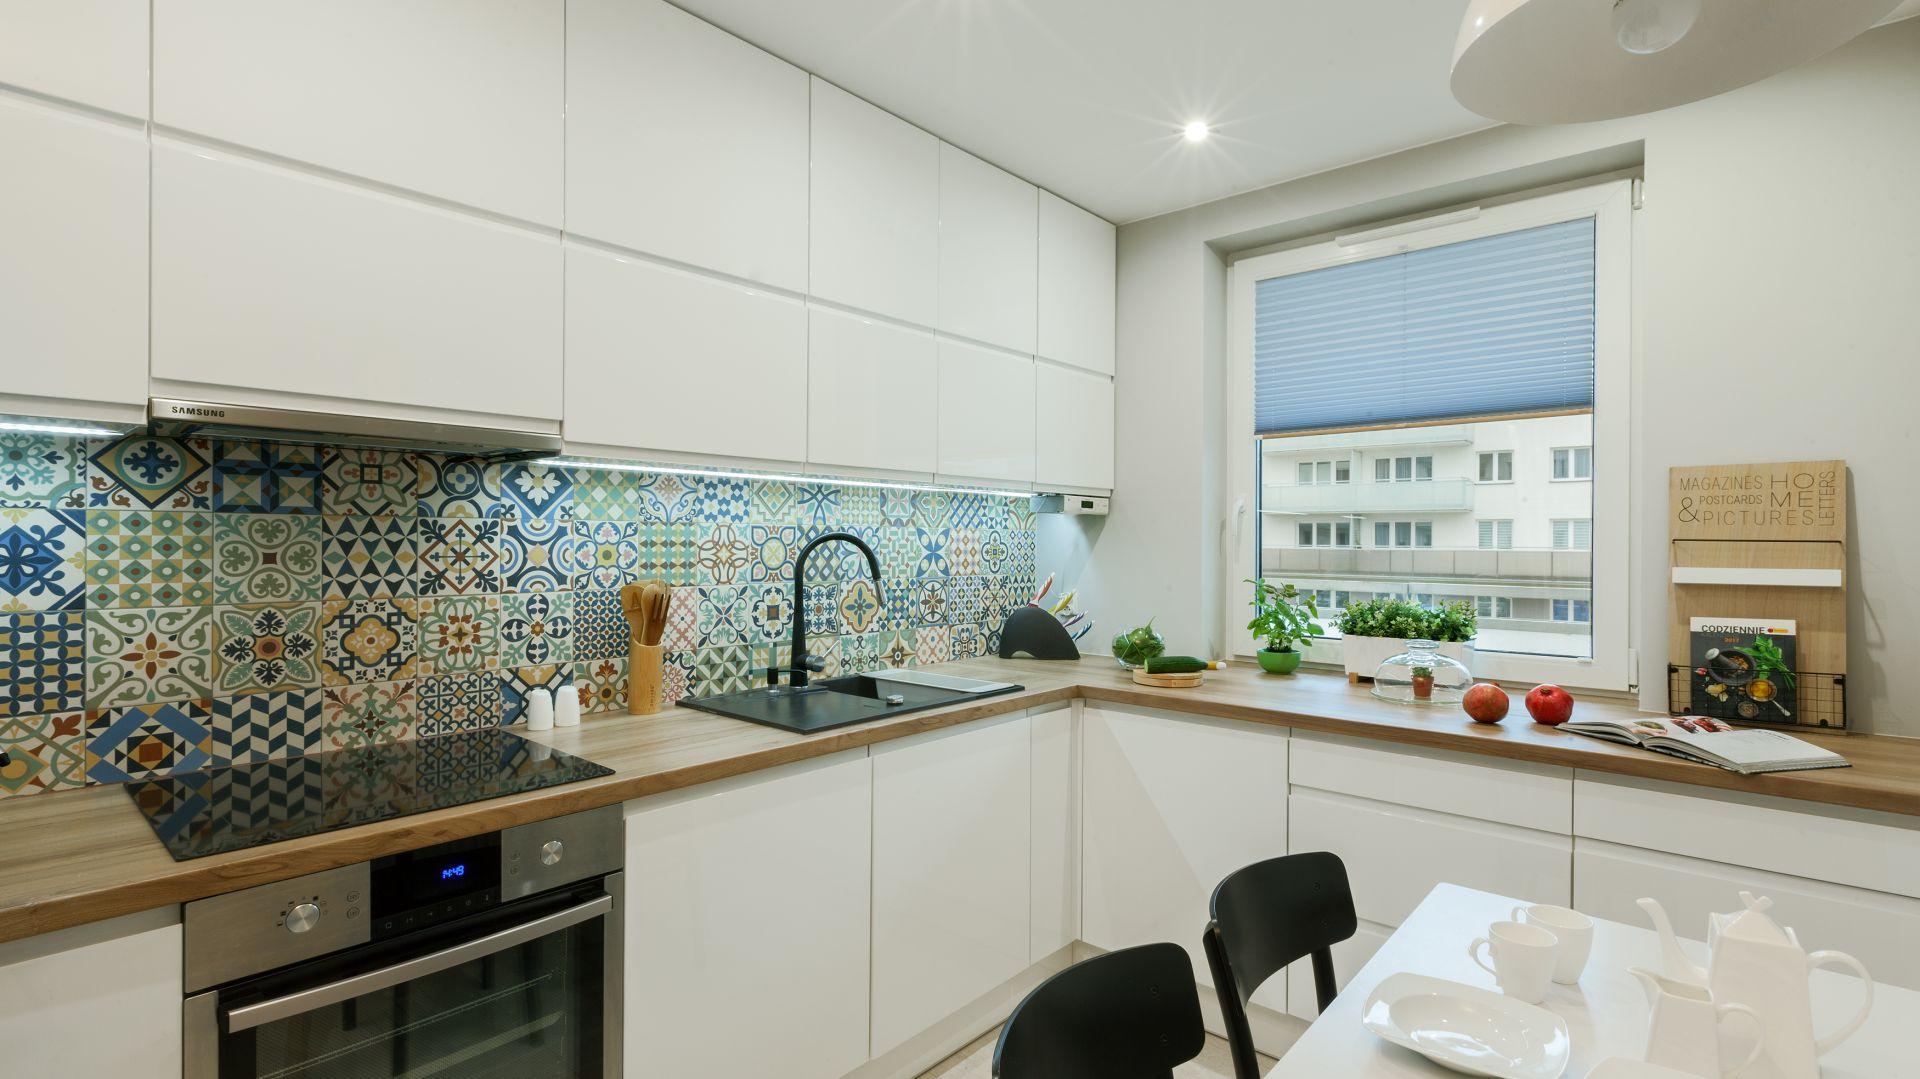 Nowoczesna Kuchnia Wnętrze Ożywione Kolorem